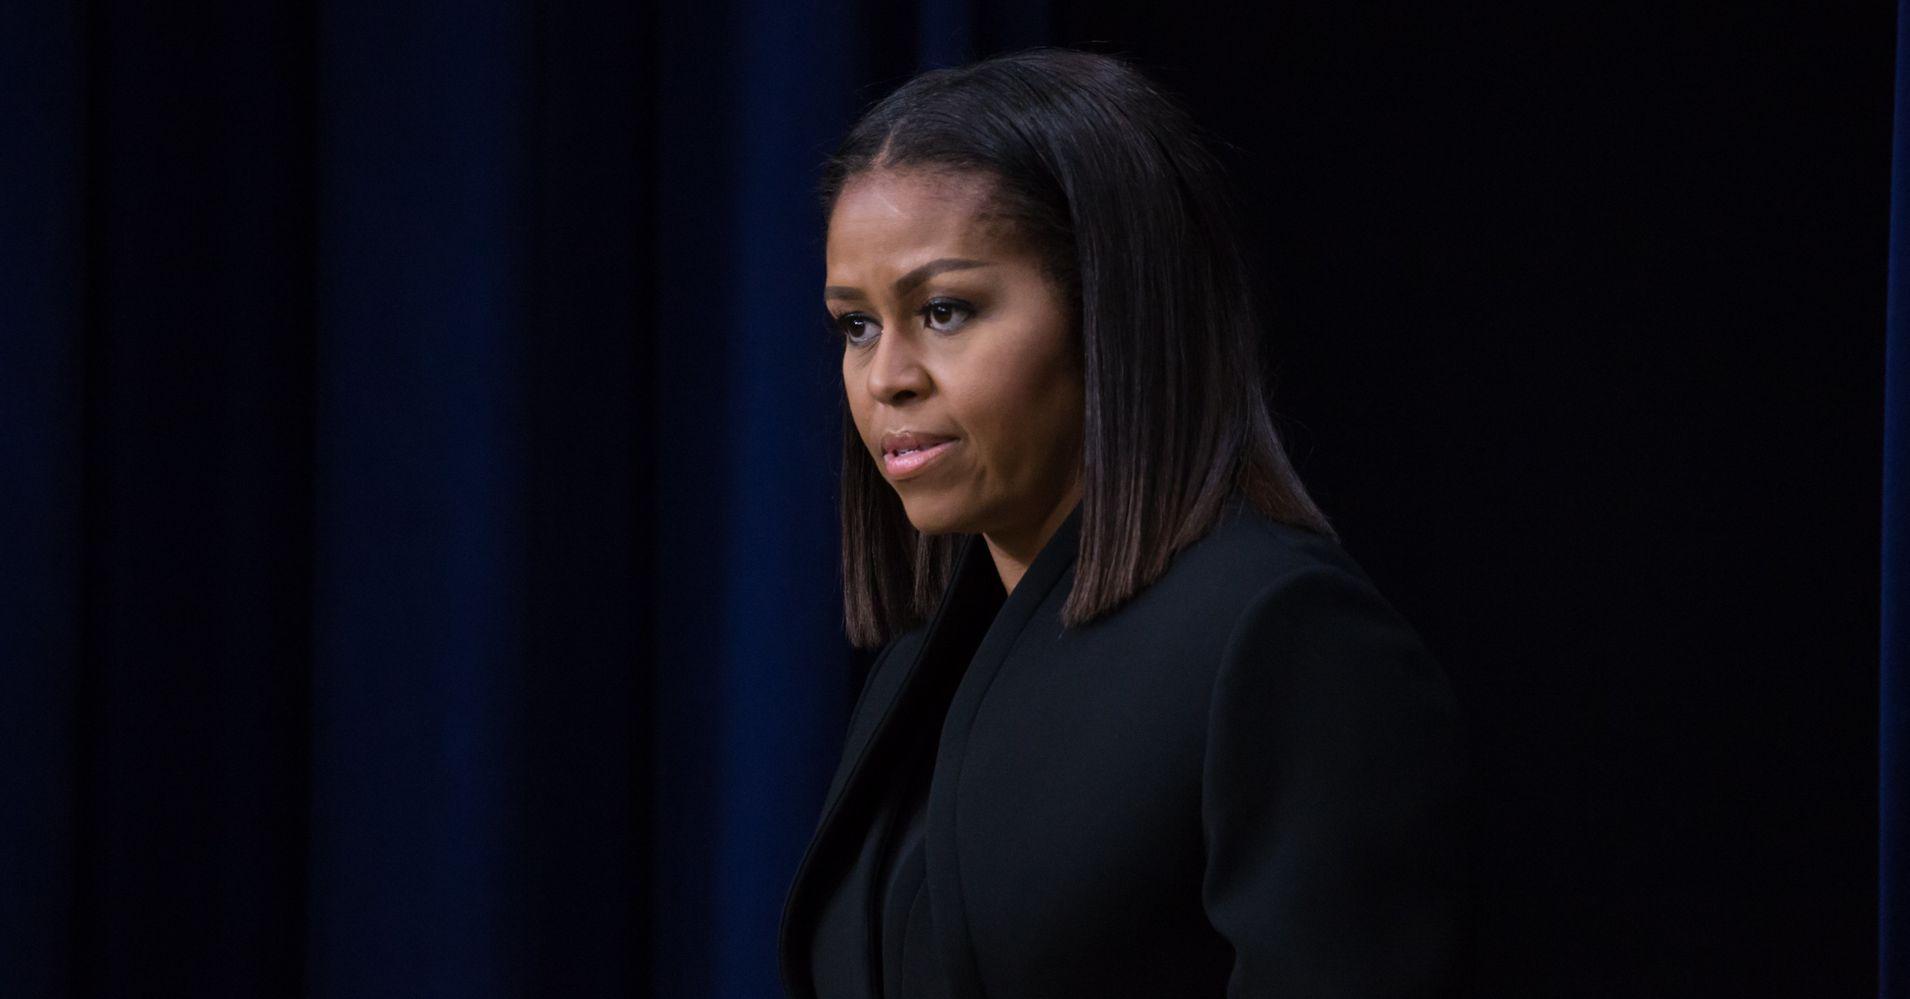 Princeton Releases Michelle Obama's Senior Thesis - CBS News